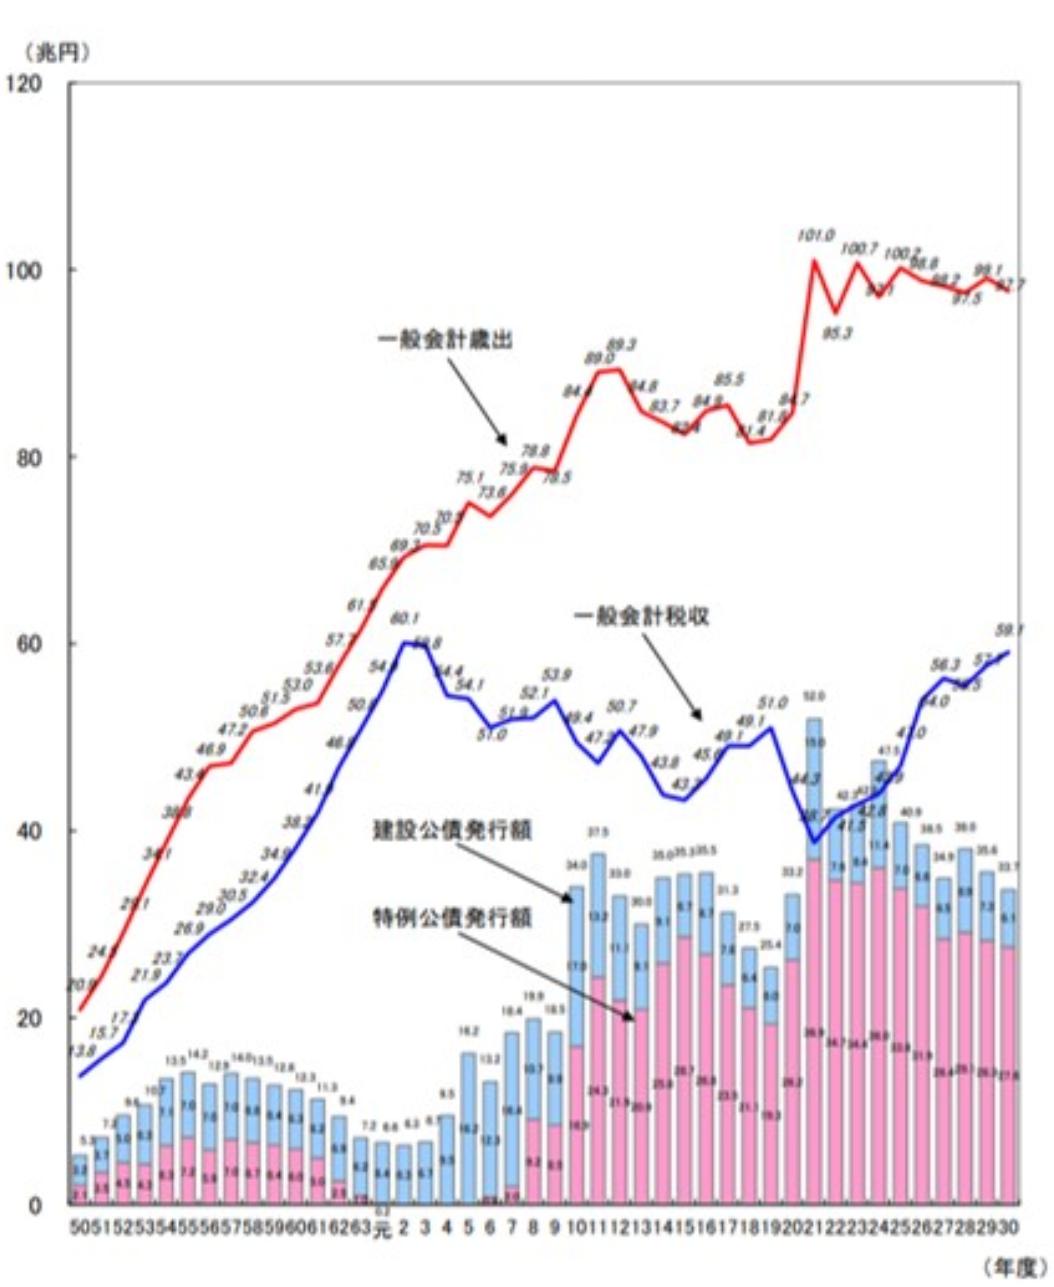 日本の政府の支出と収入の差